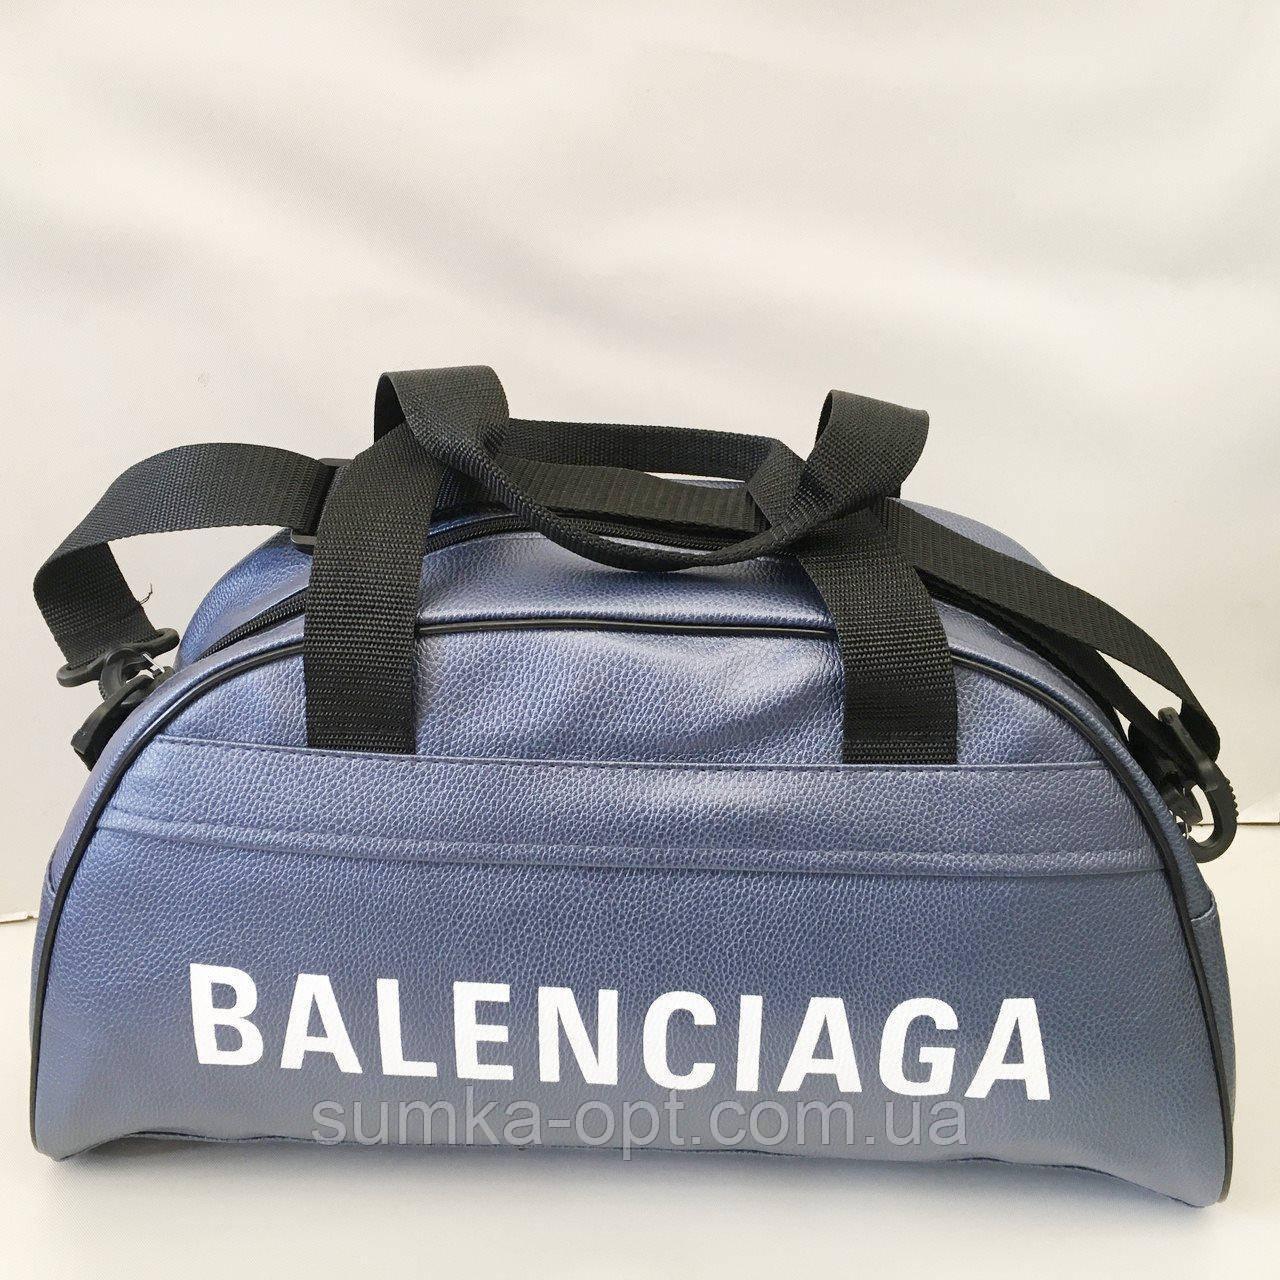 Сумки универсальные кожвинил Balenciaga (синий)24*46см